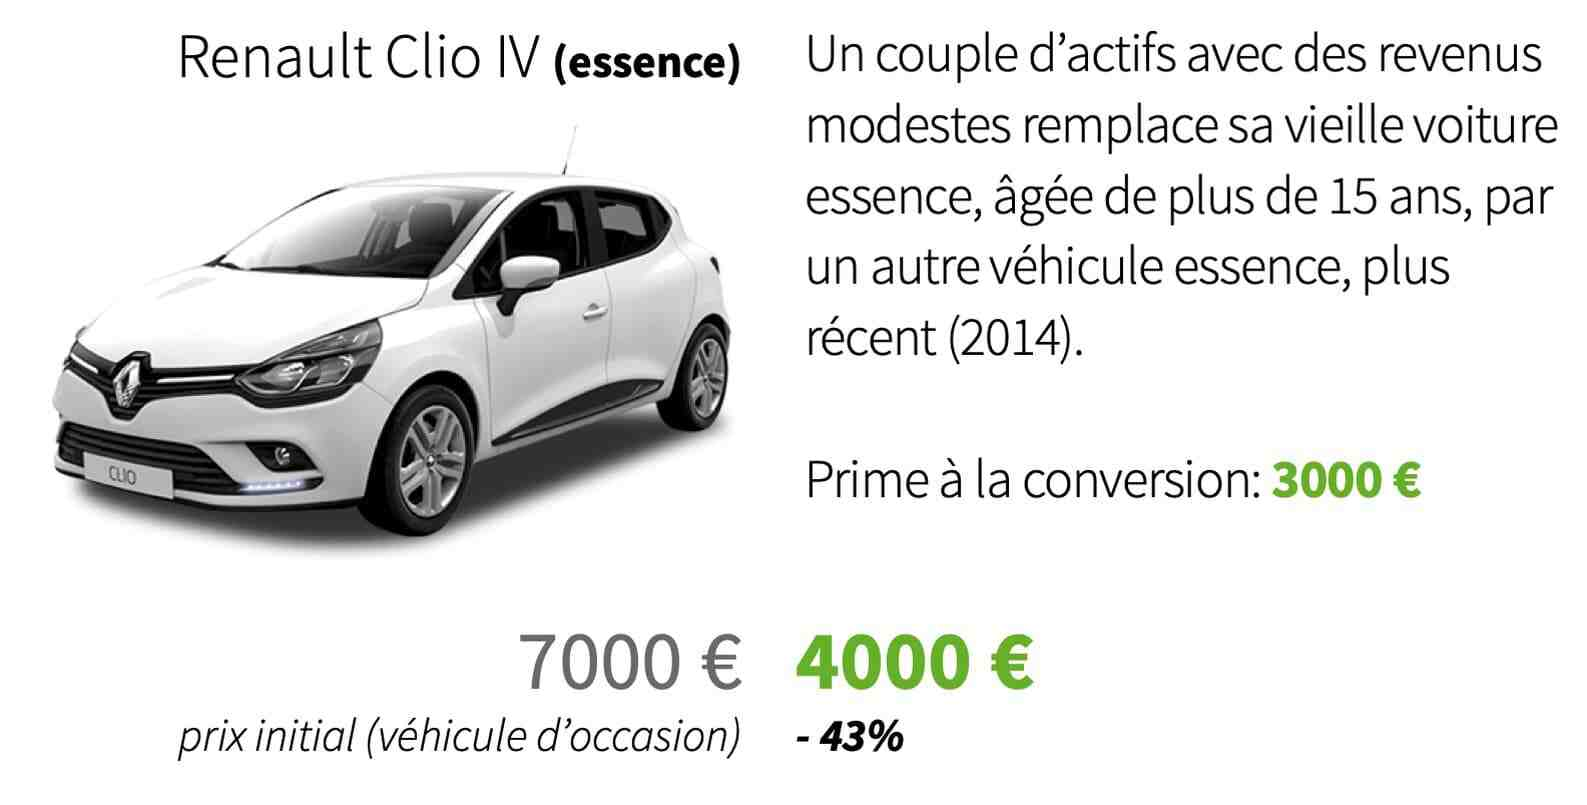 Qui a acheté une voiture pour 15 000 euros?